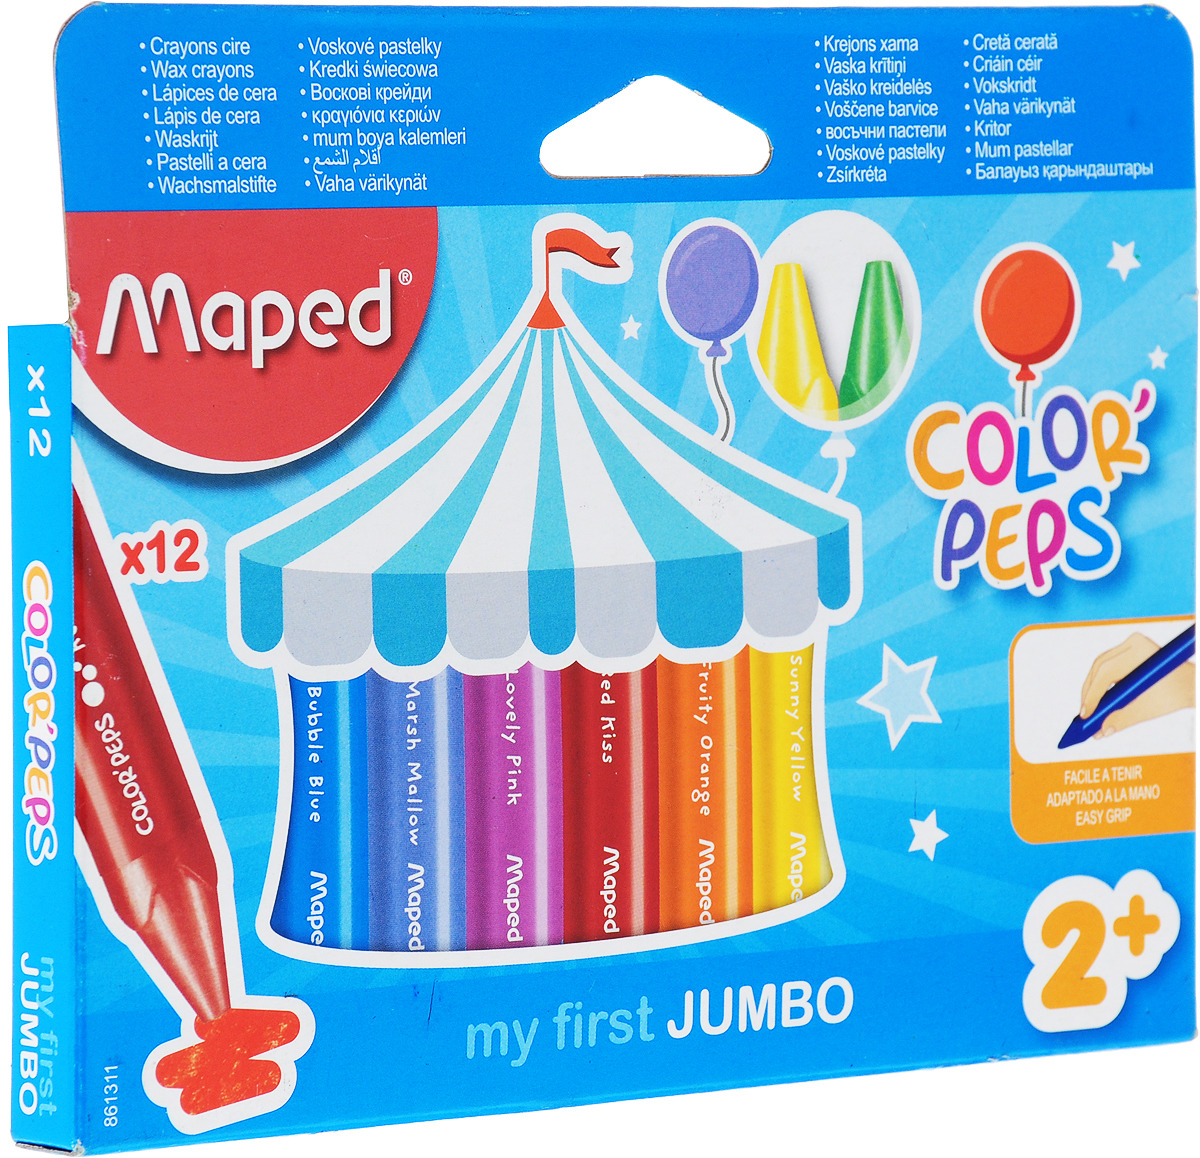 Maped Восковые мелки Color Peps 12 шт карандаши восковые мелки пастель giotto мелки восковые мелки cera ast 24 цвета